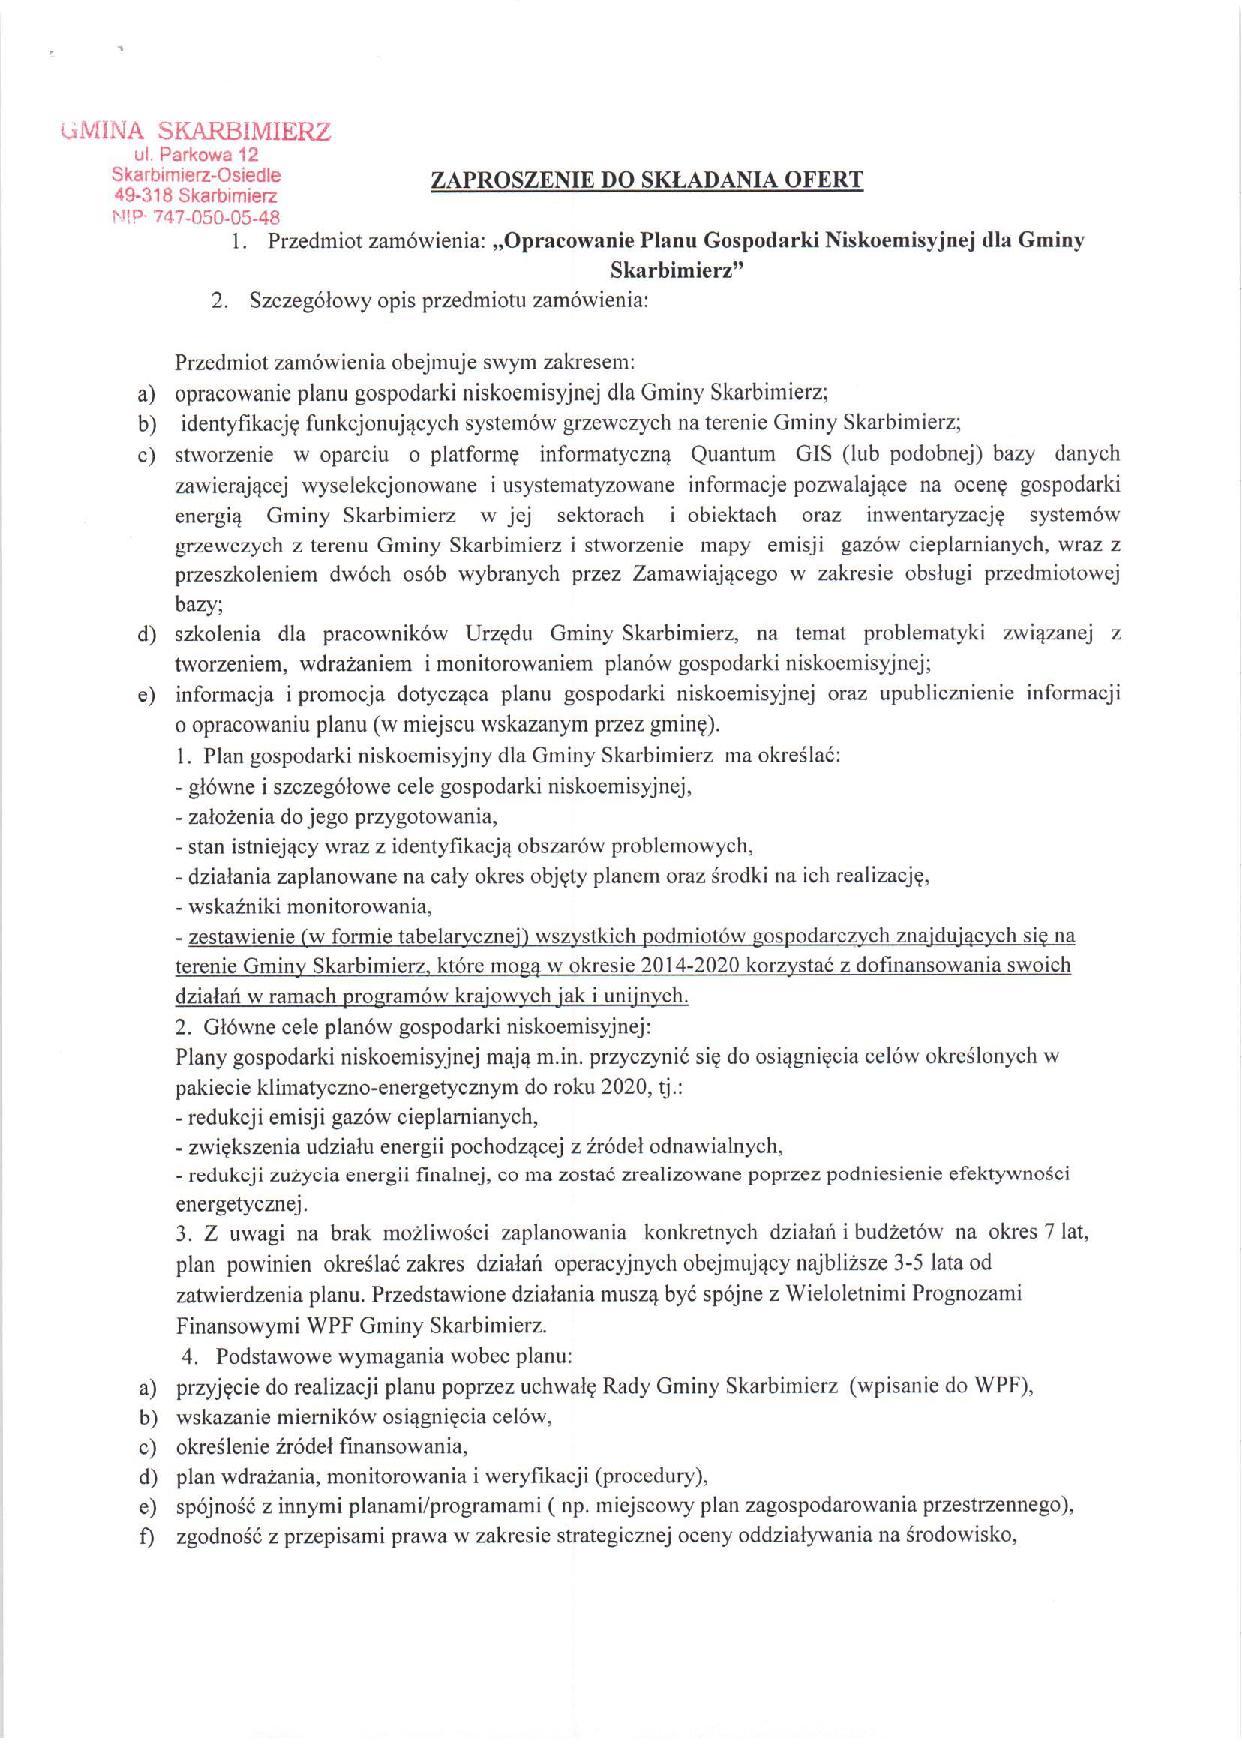 Opracowanie Planu Gospodarki Niskoemisyjnej dla Gminy Skarbimierz